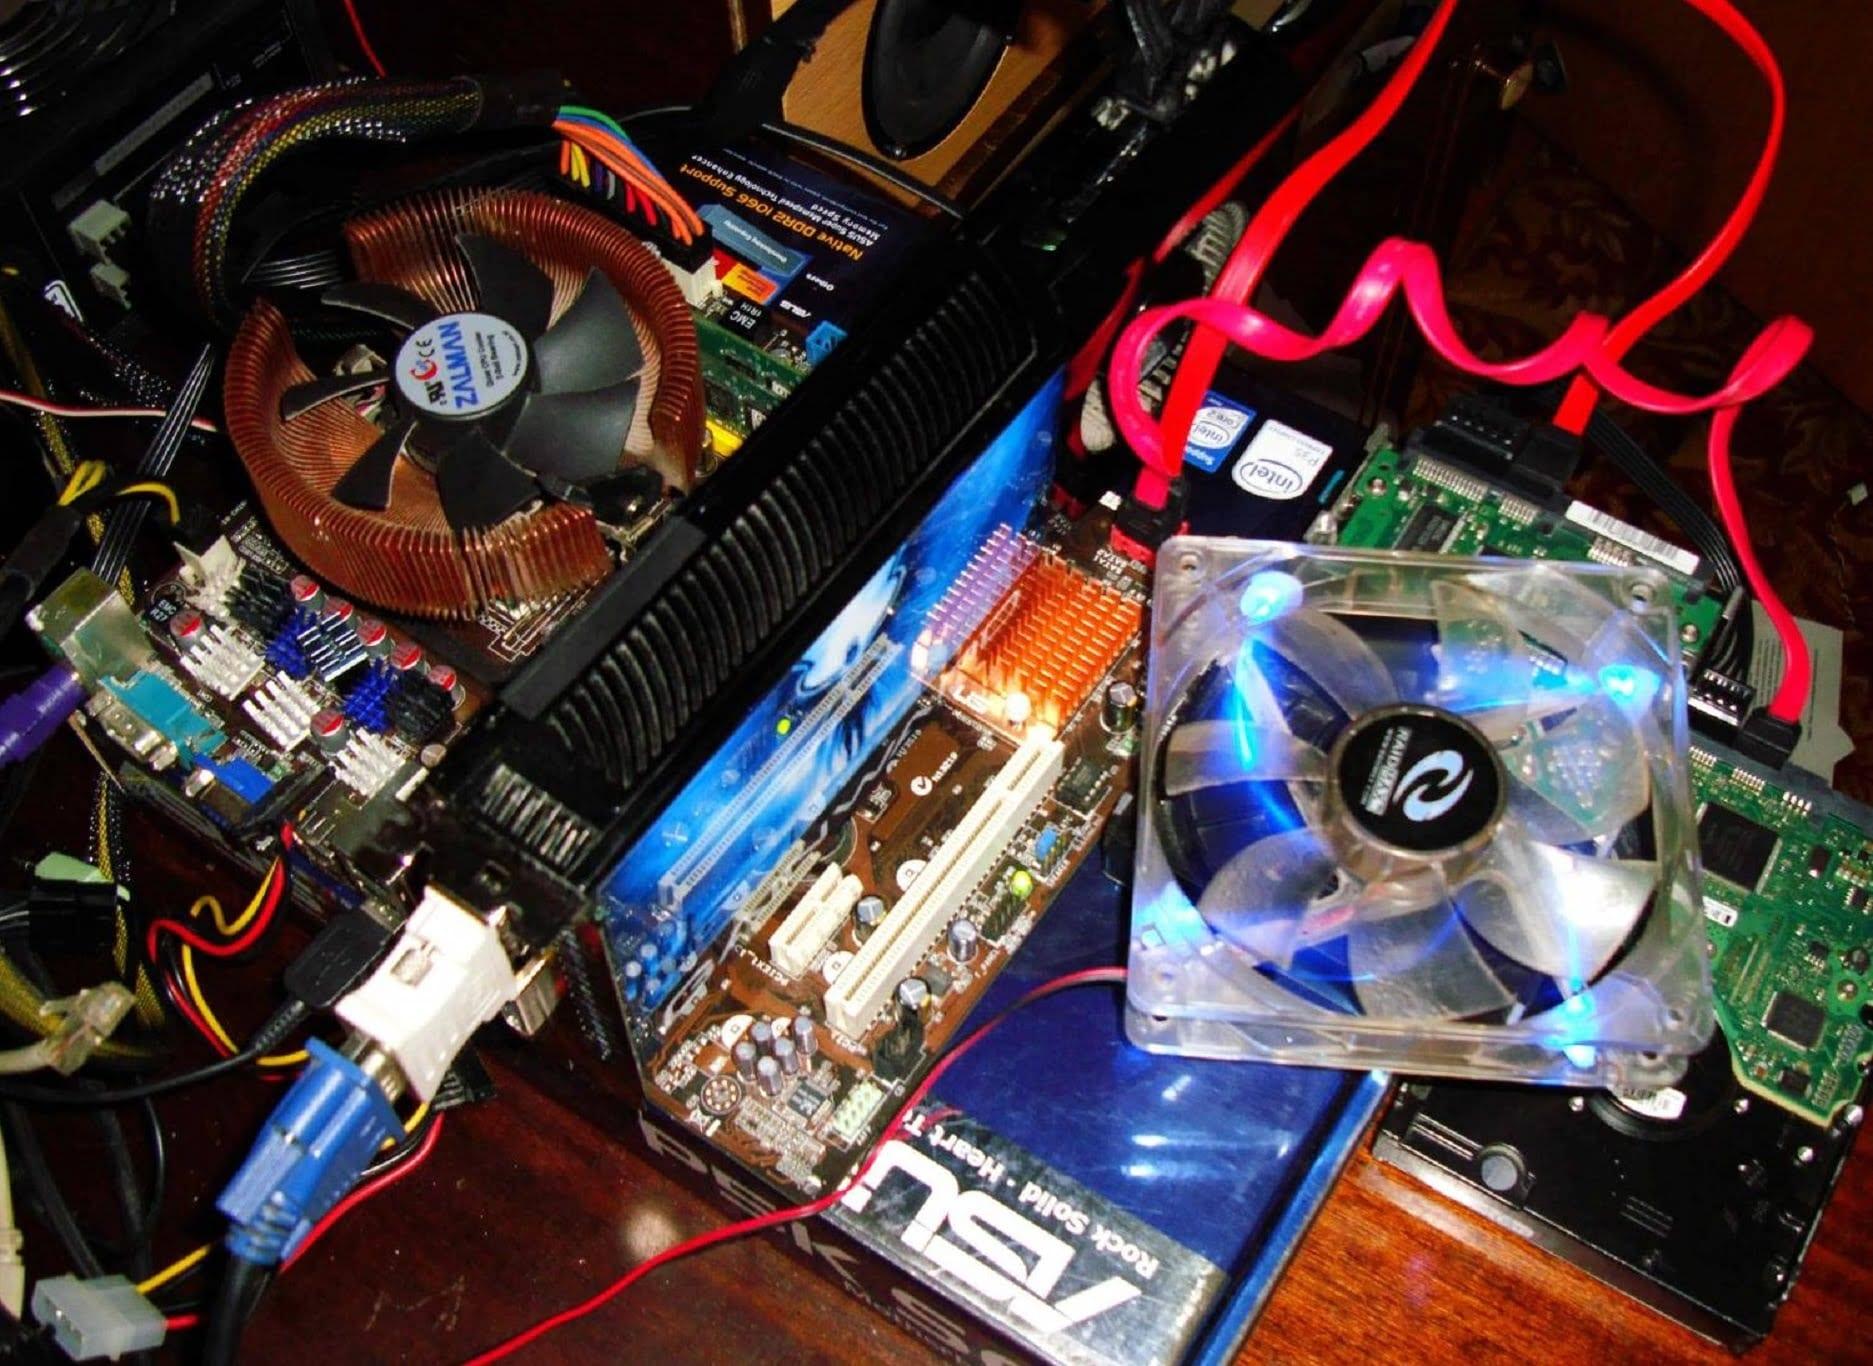 Тестирование и обзор видеокарты NVIDIA GeForce GTX 280: на что способен чип GT200 в 2010 году